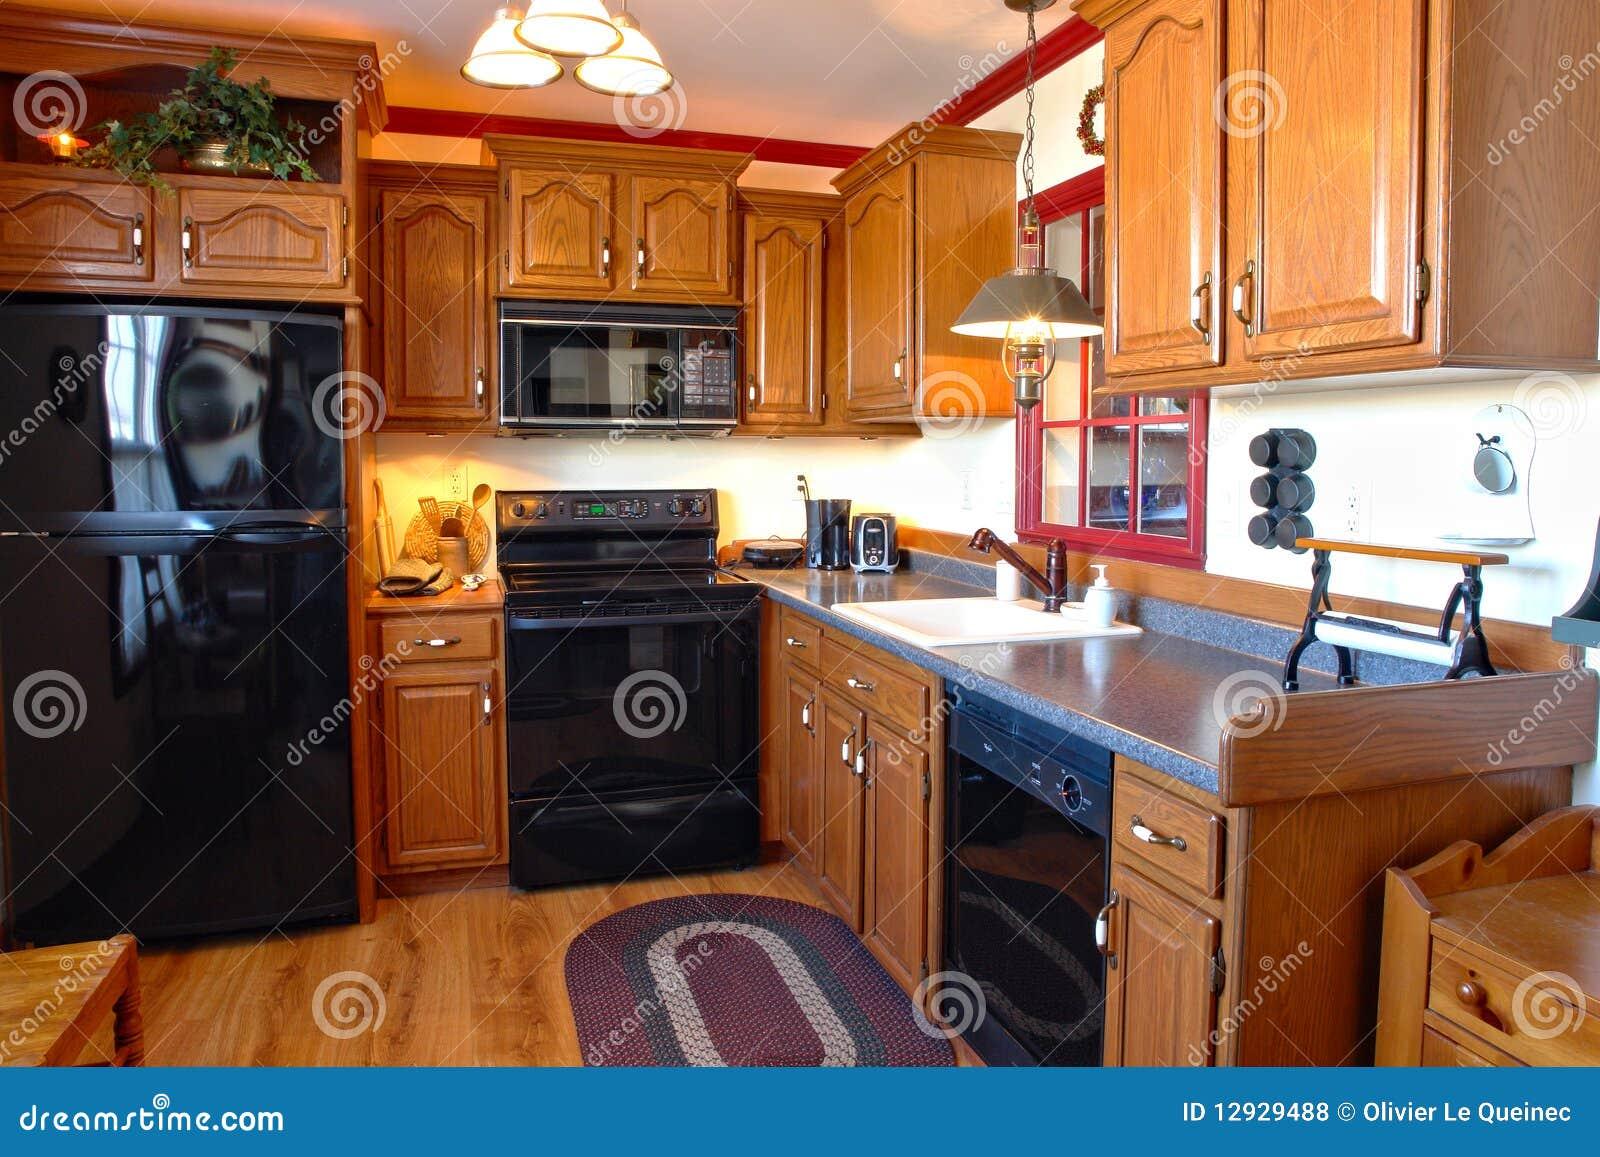 De traditionele amerikaanse keuken van het huis van de stijl royalty vrije stock foto 39 s - Decoratie stijl van de bergen ...